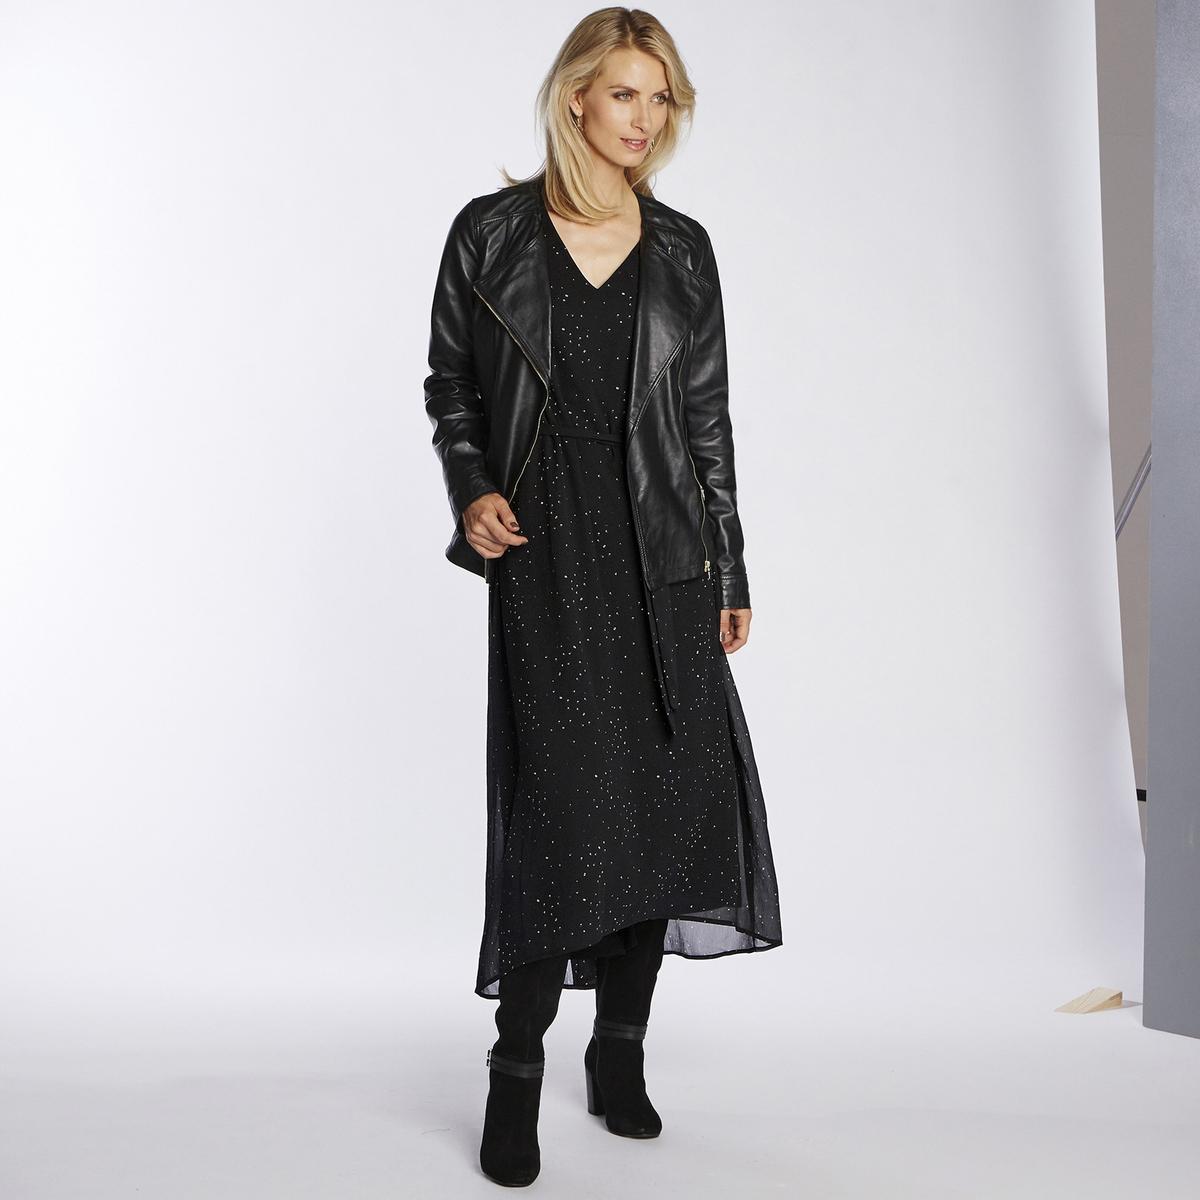 Imagen principal de producto de Vestido largo en asimetría, estampado, de manga larga - Anne weyburn